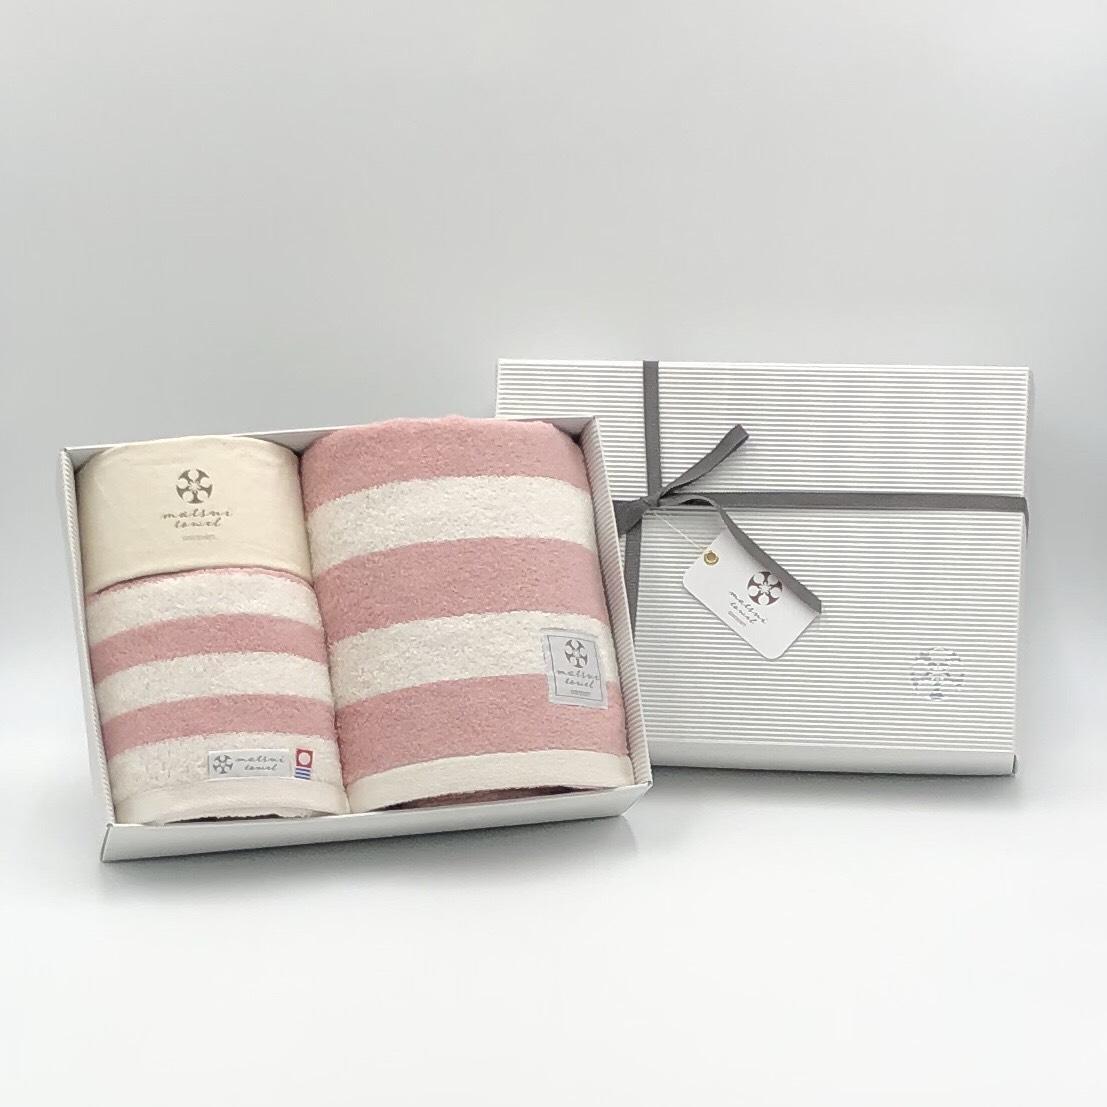 【ギフトボックス入り/結婚祝い・内祝いにおすすめ】Chouchou (シュシュ) バスタオル1枚+フェイスタオル1枚 同色セット 今治タオルギフト